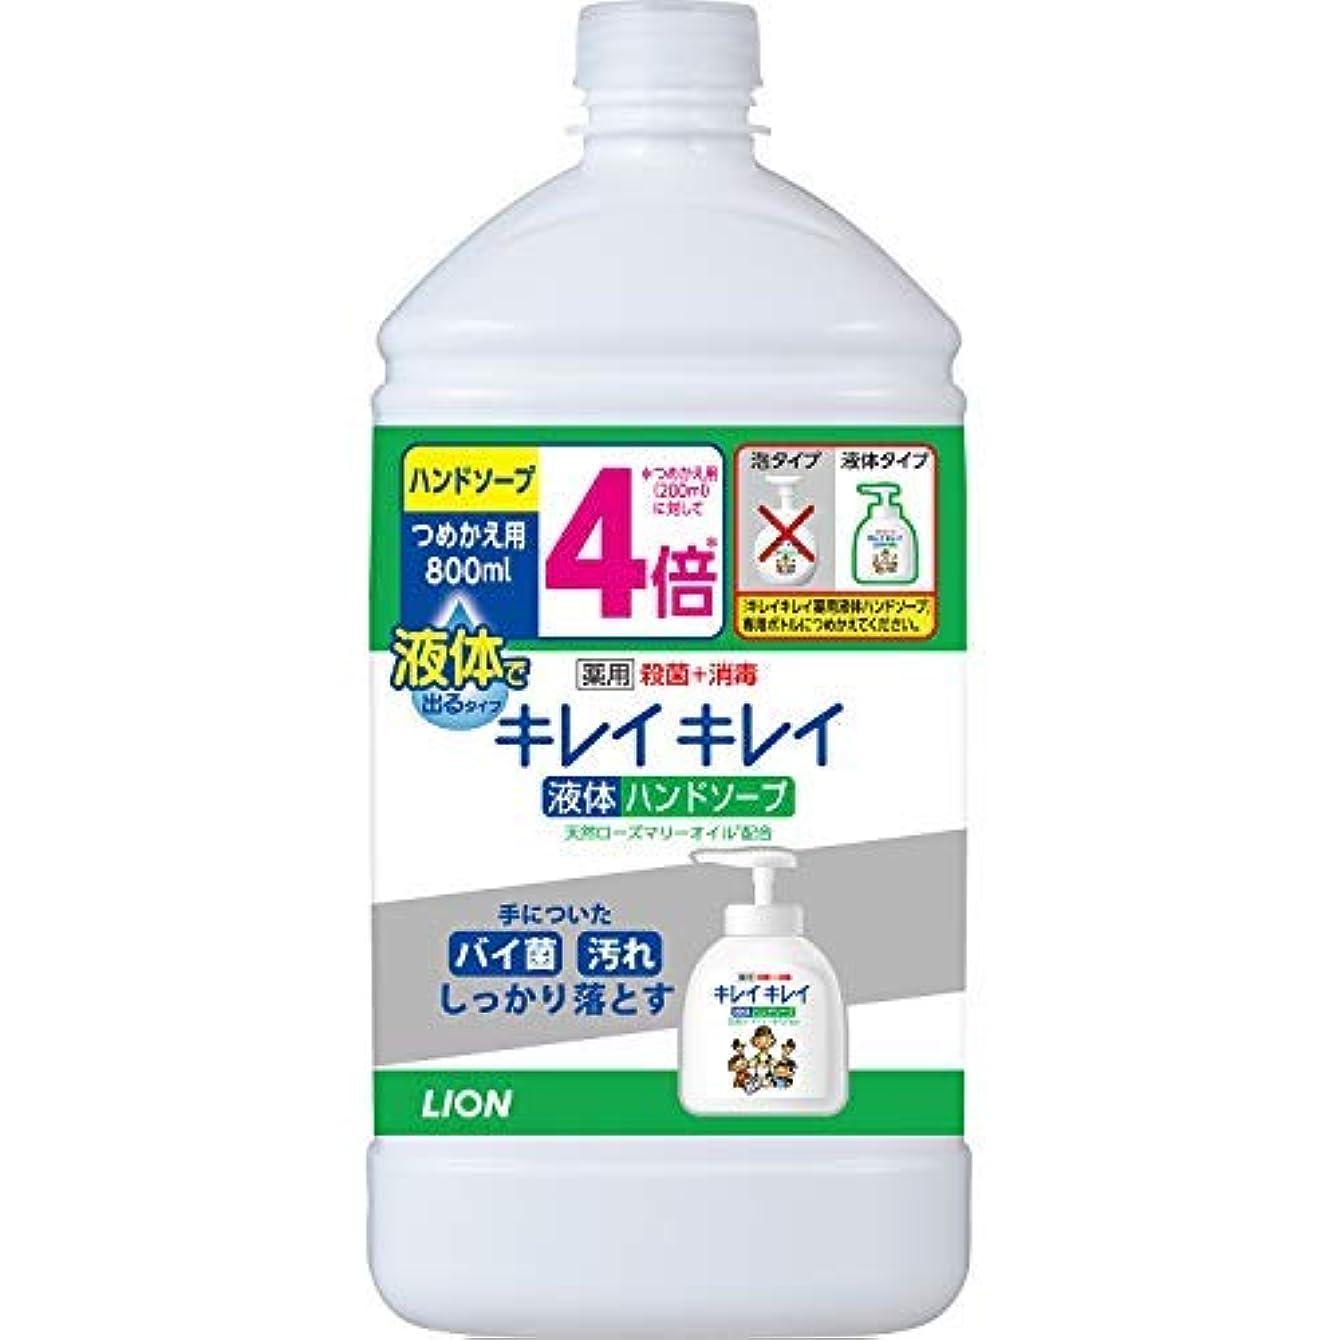 全滅させるジャズフレットキレイキレイ 薬用液体ハンドソープ つめかえ用特大サイズシトラスフルーテイ × 4個セット